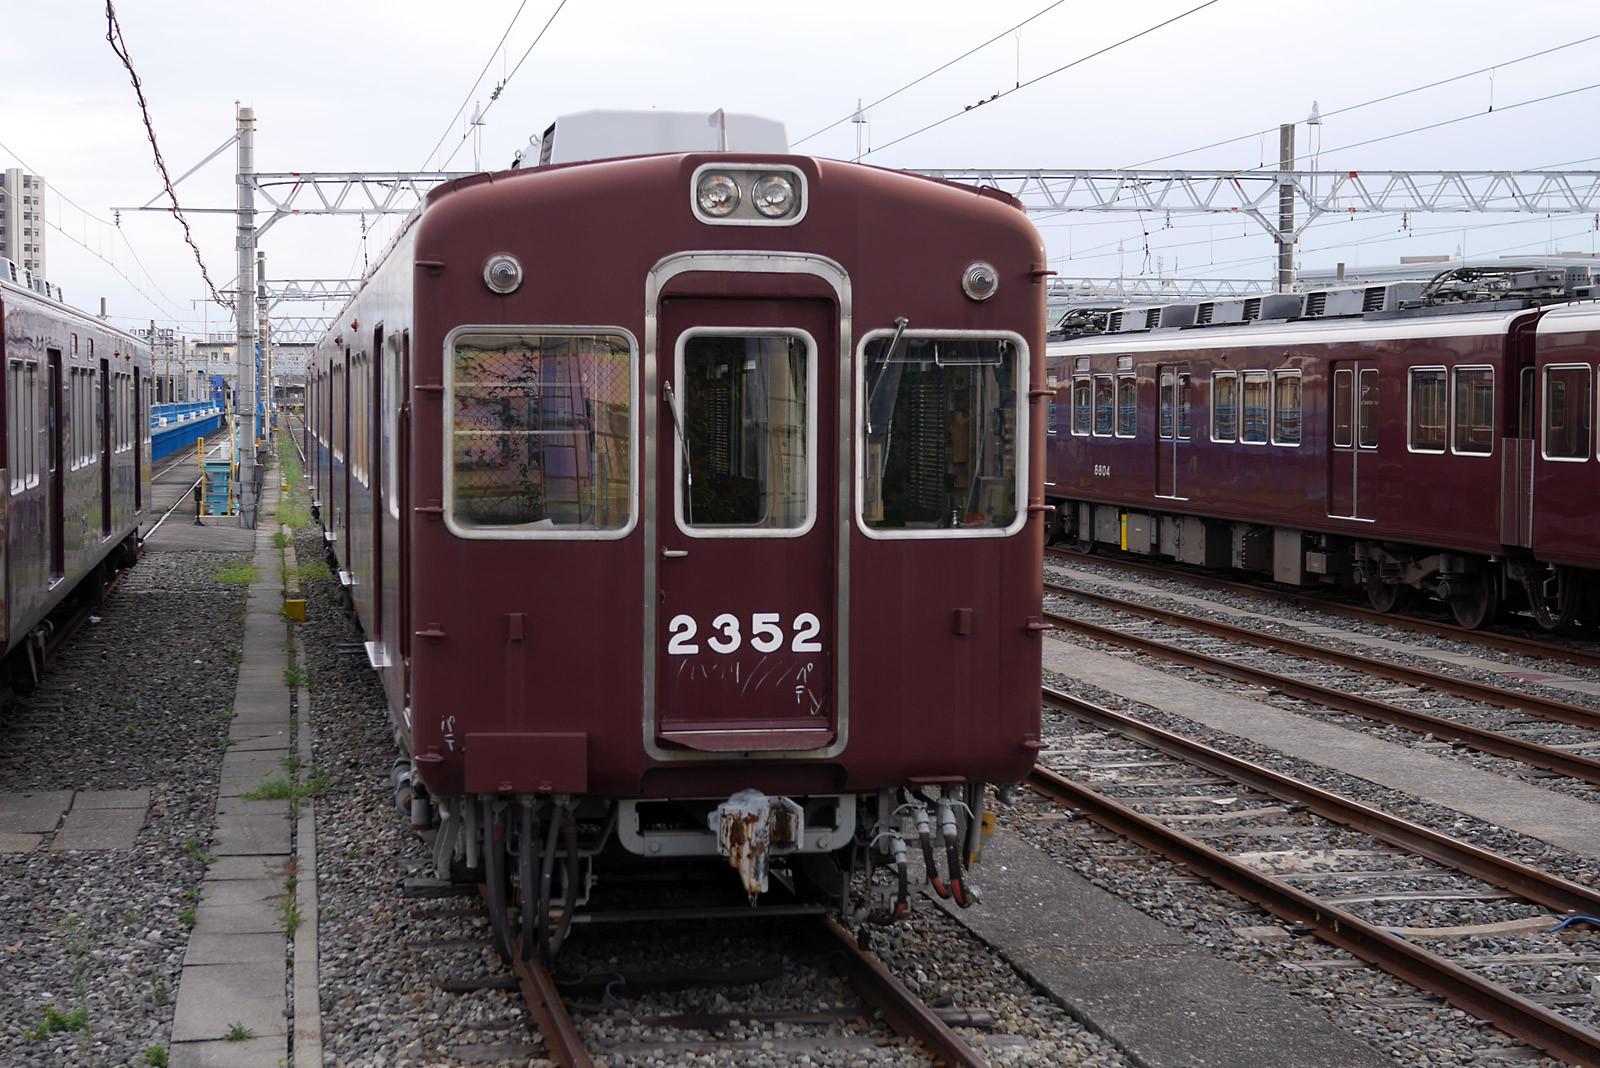 引退した2300系から、阪急電車の魅力を振り返る